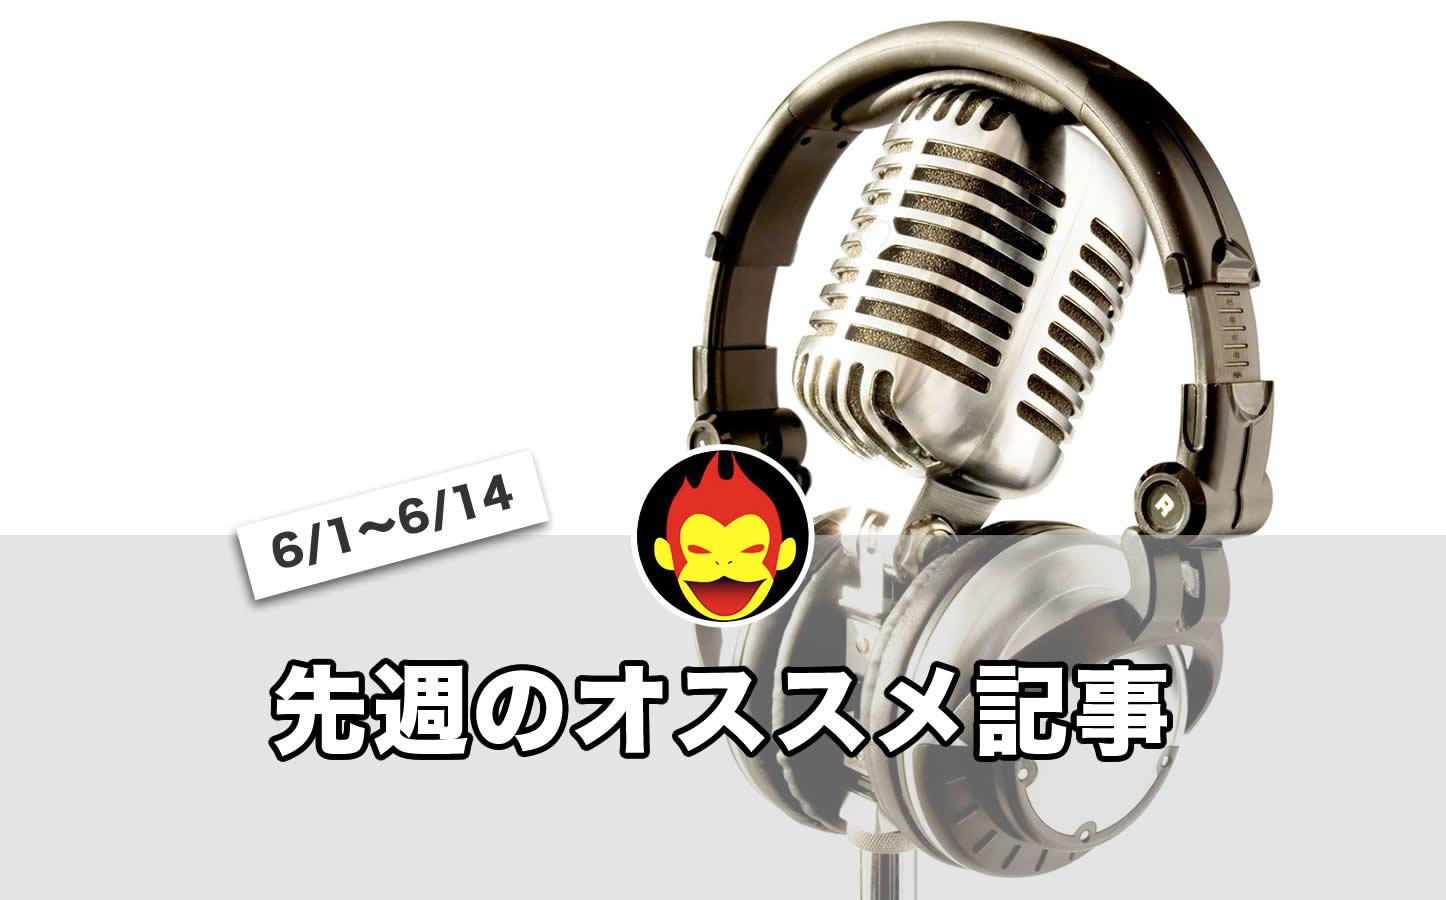 gori.meのおすすめ記事(6/1-6/14)